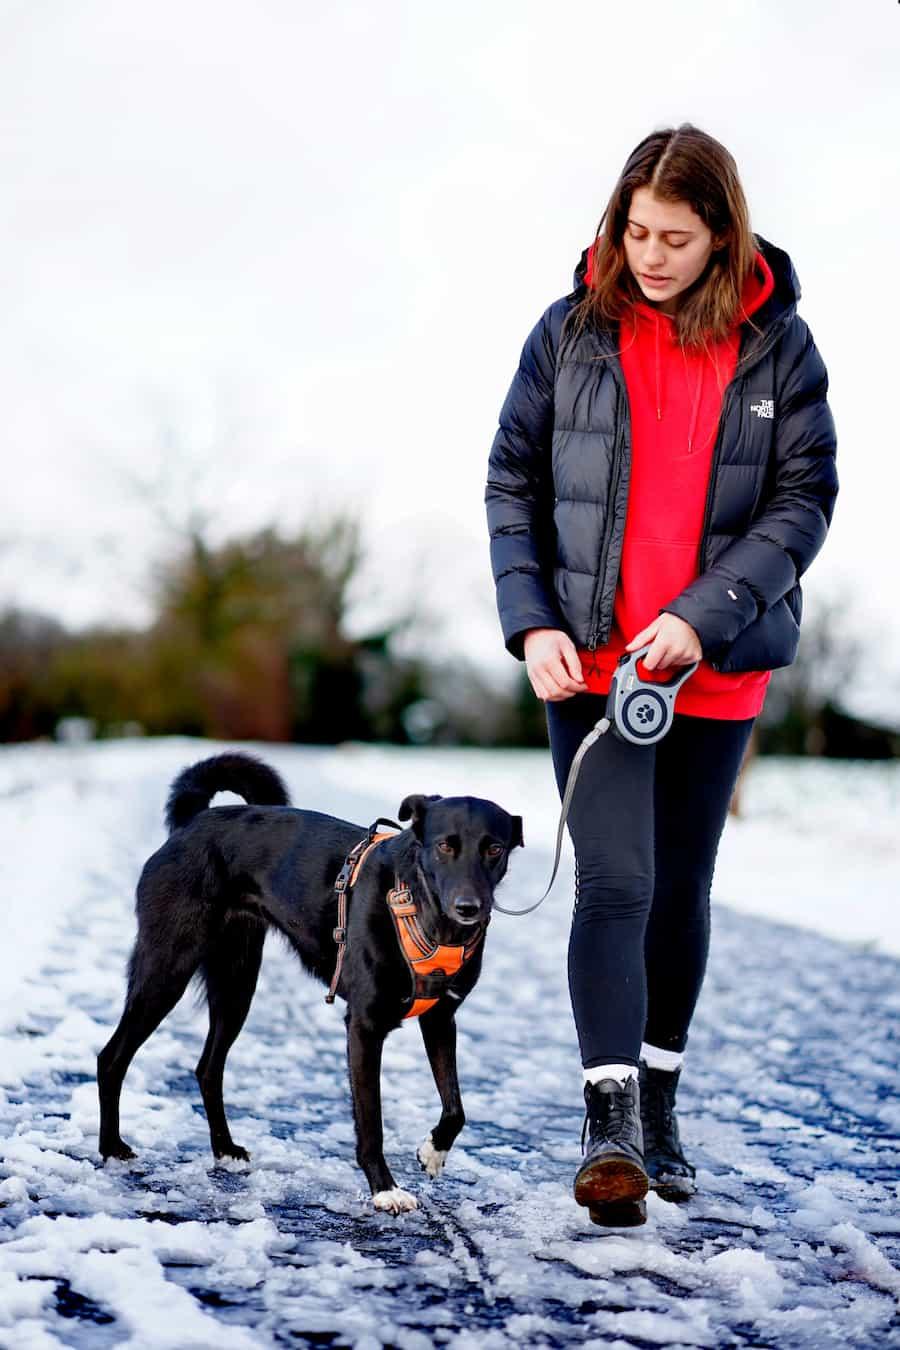 woman and dog on walk